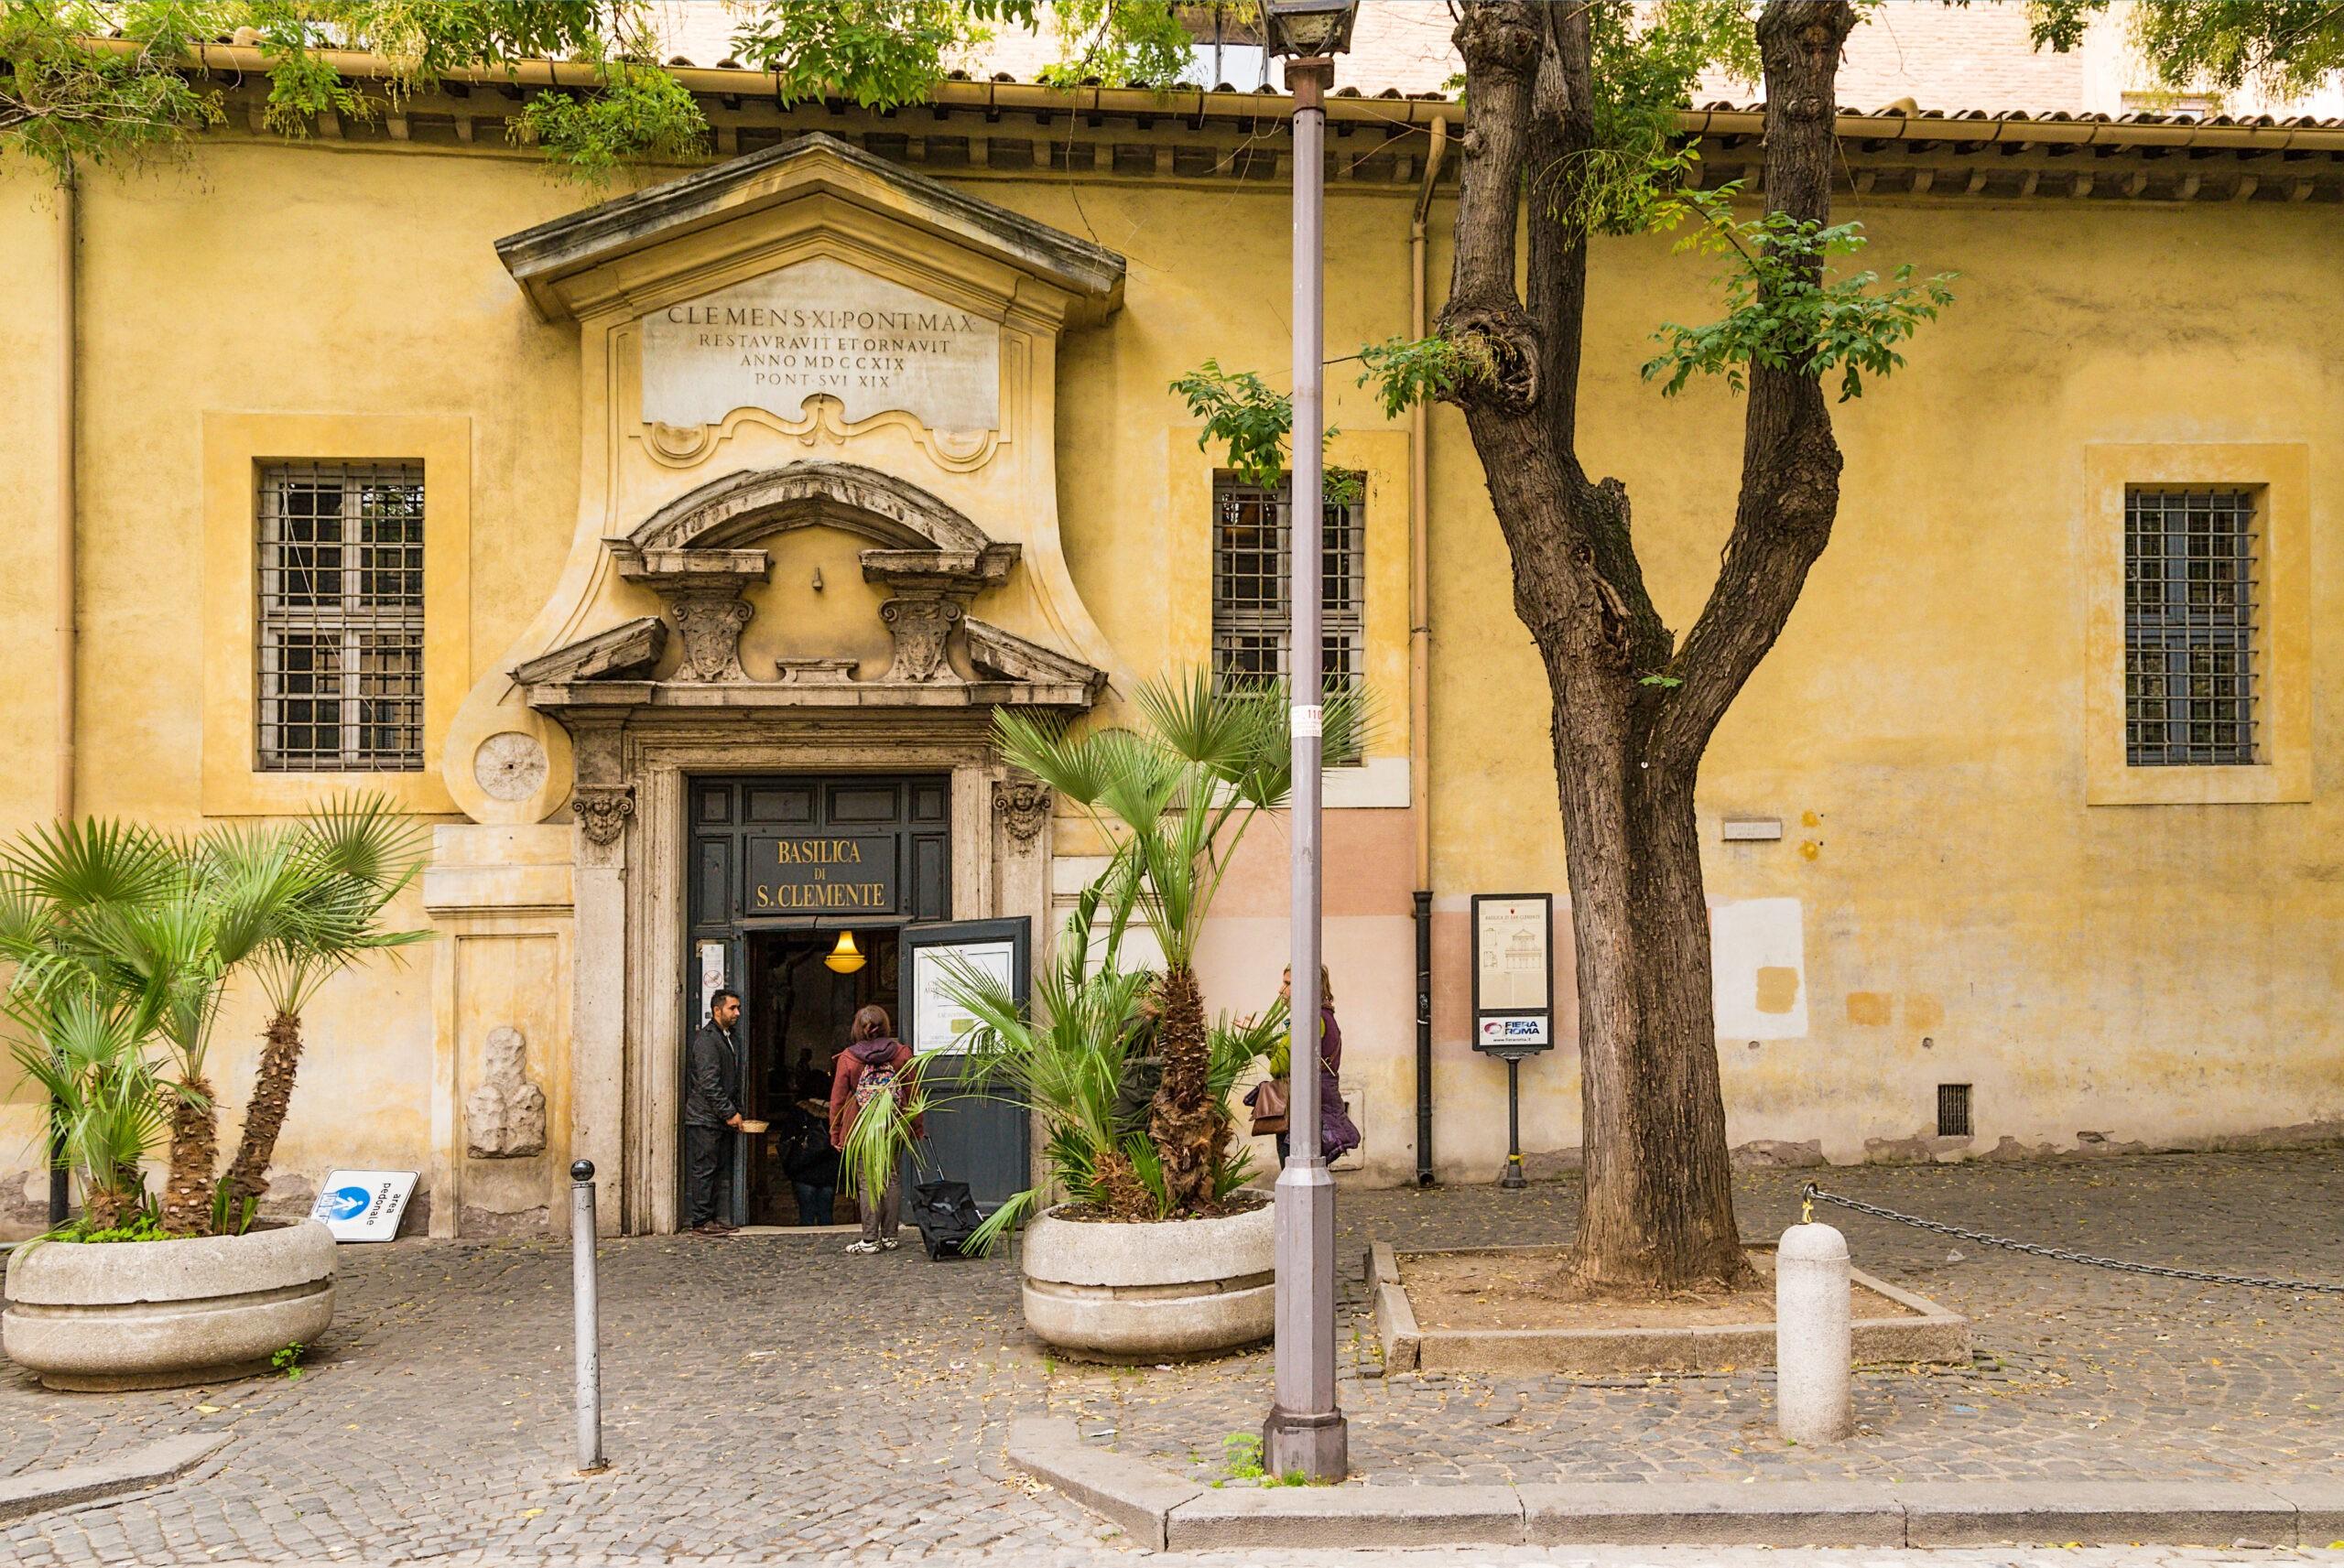 Ρώμη: 10 σημεία που δεν γνωρίζετε στην Αιώνια Πόλη - Τα θαυμάσια αξιοθέατα που βρίσκονται στη «σκιά» των διασήμων